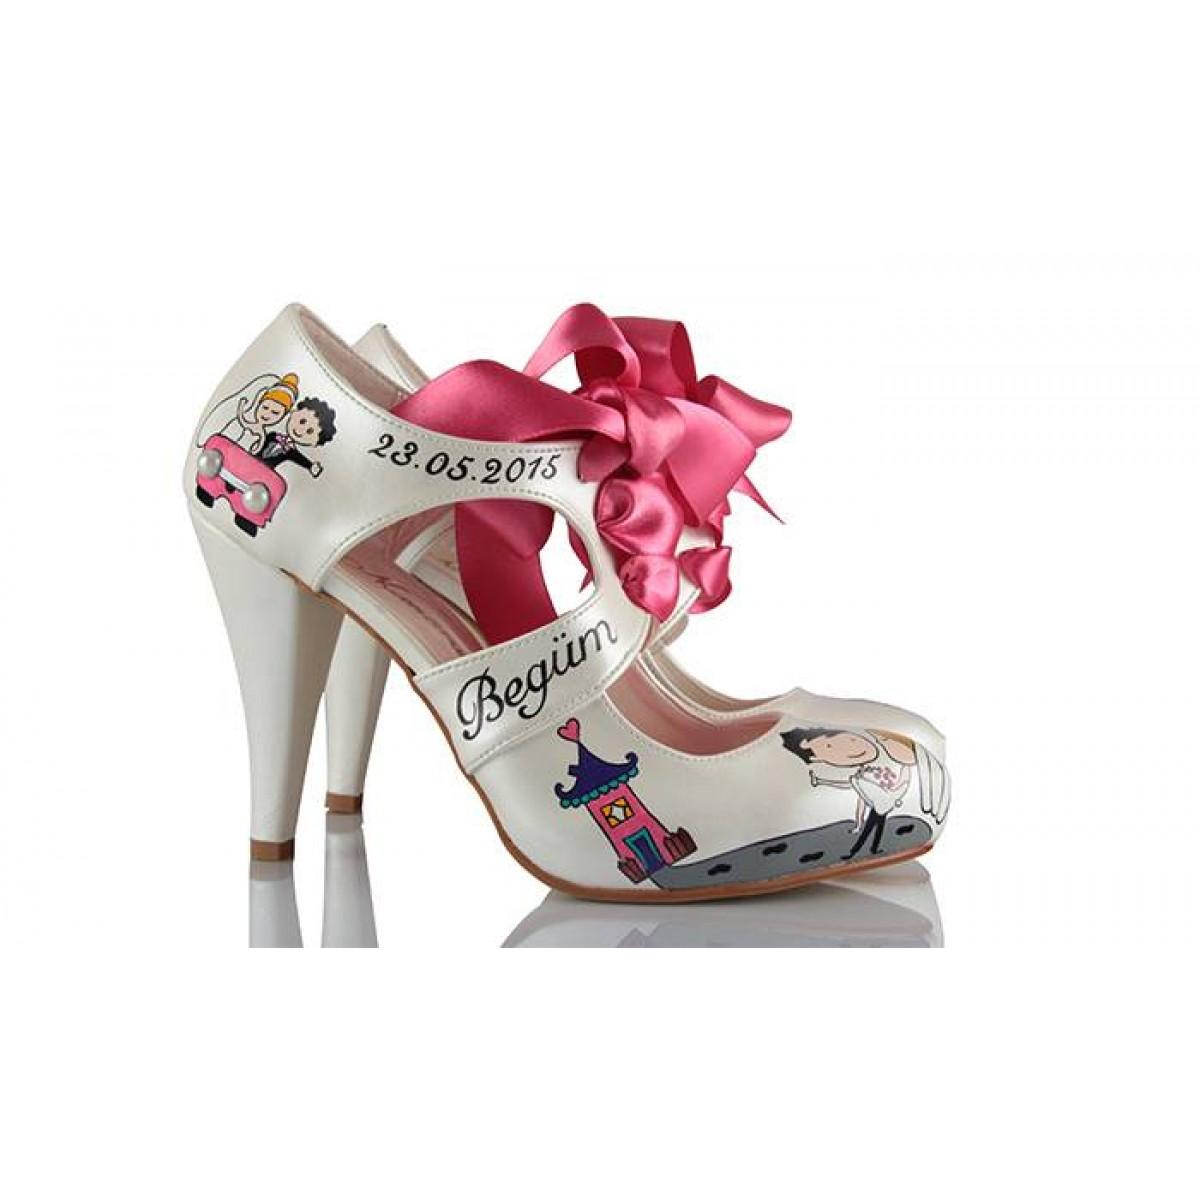 Gelin Ayakkabısı El Boyama Kucakta Modeli 37numaracom